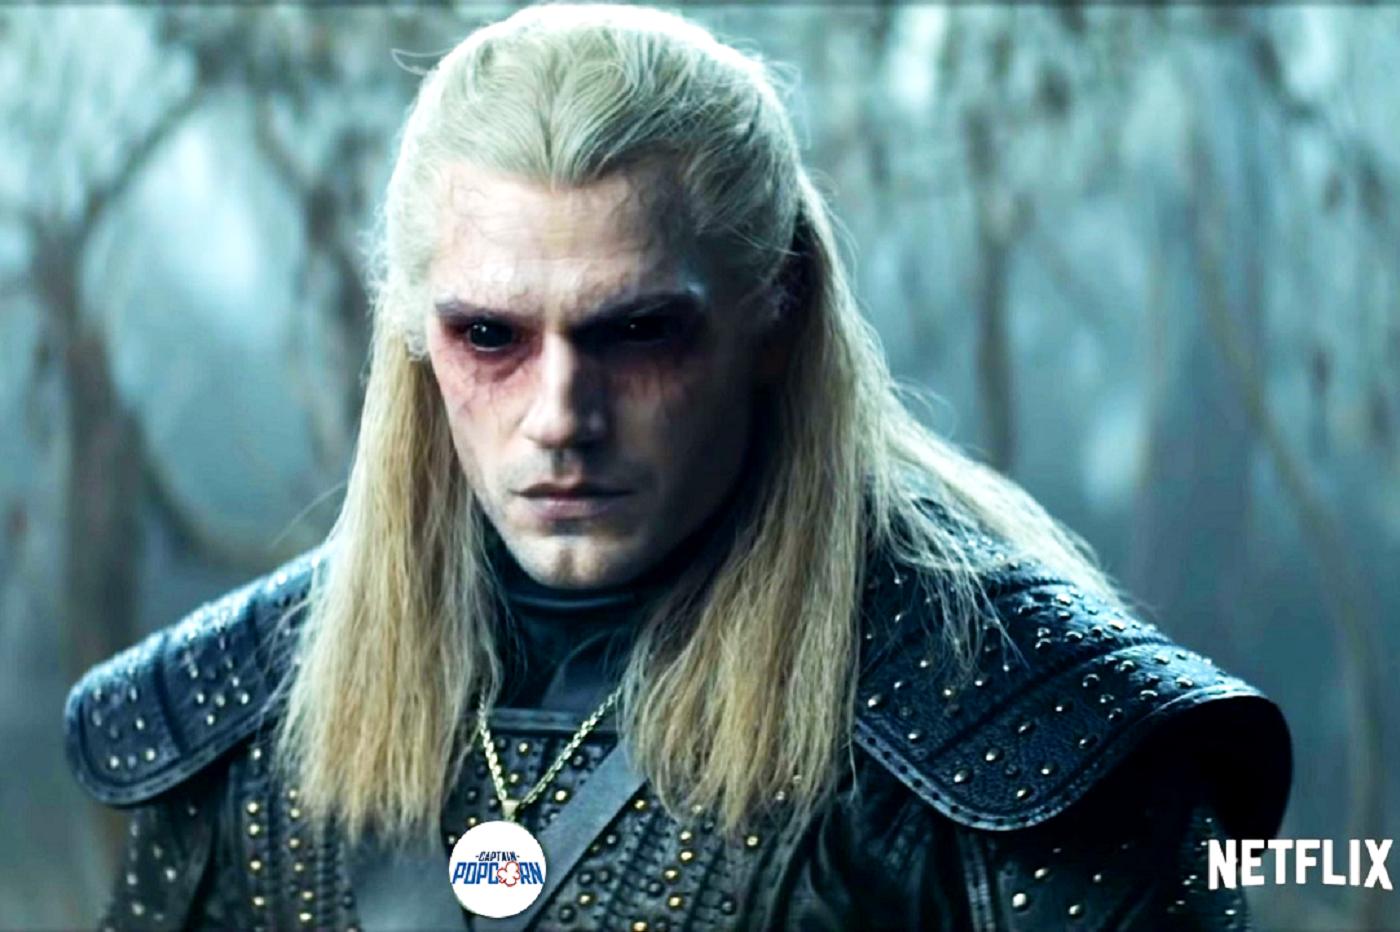 The Witcher va-t-il souffrir de la comparaison avec Game of Thrones ?